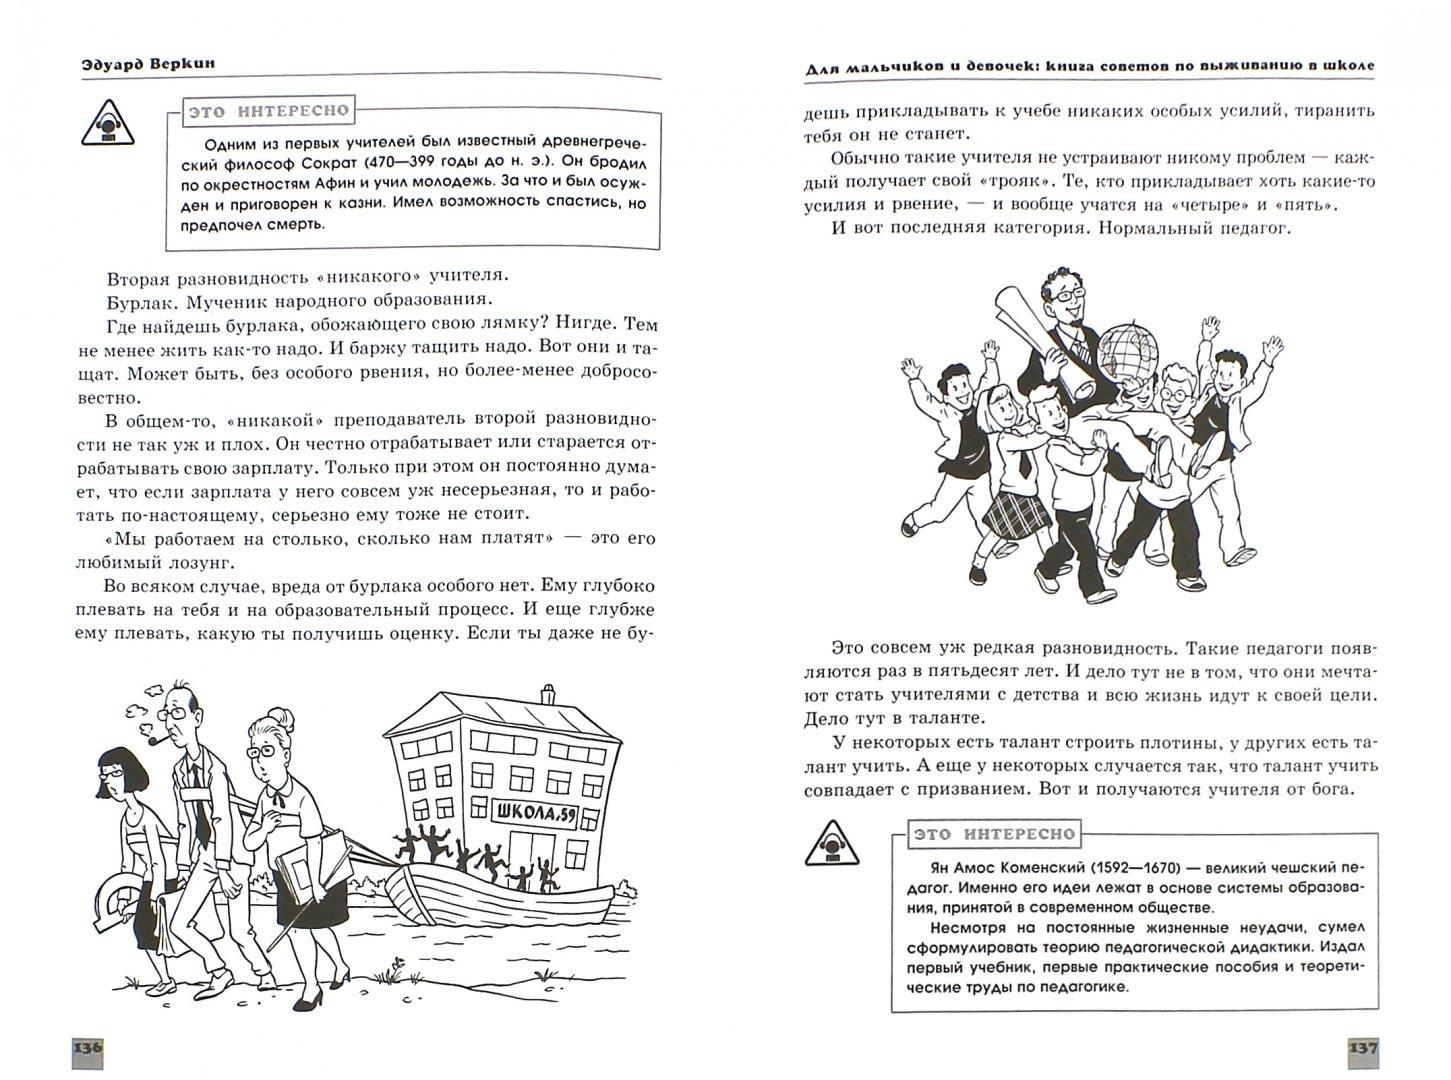 Иллюстрация 1 из 7 для Книга советов по выживанию в школе - Эдуард Веркин | Лабиринт - книги. Источник: Лабиринт